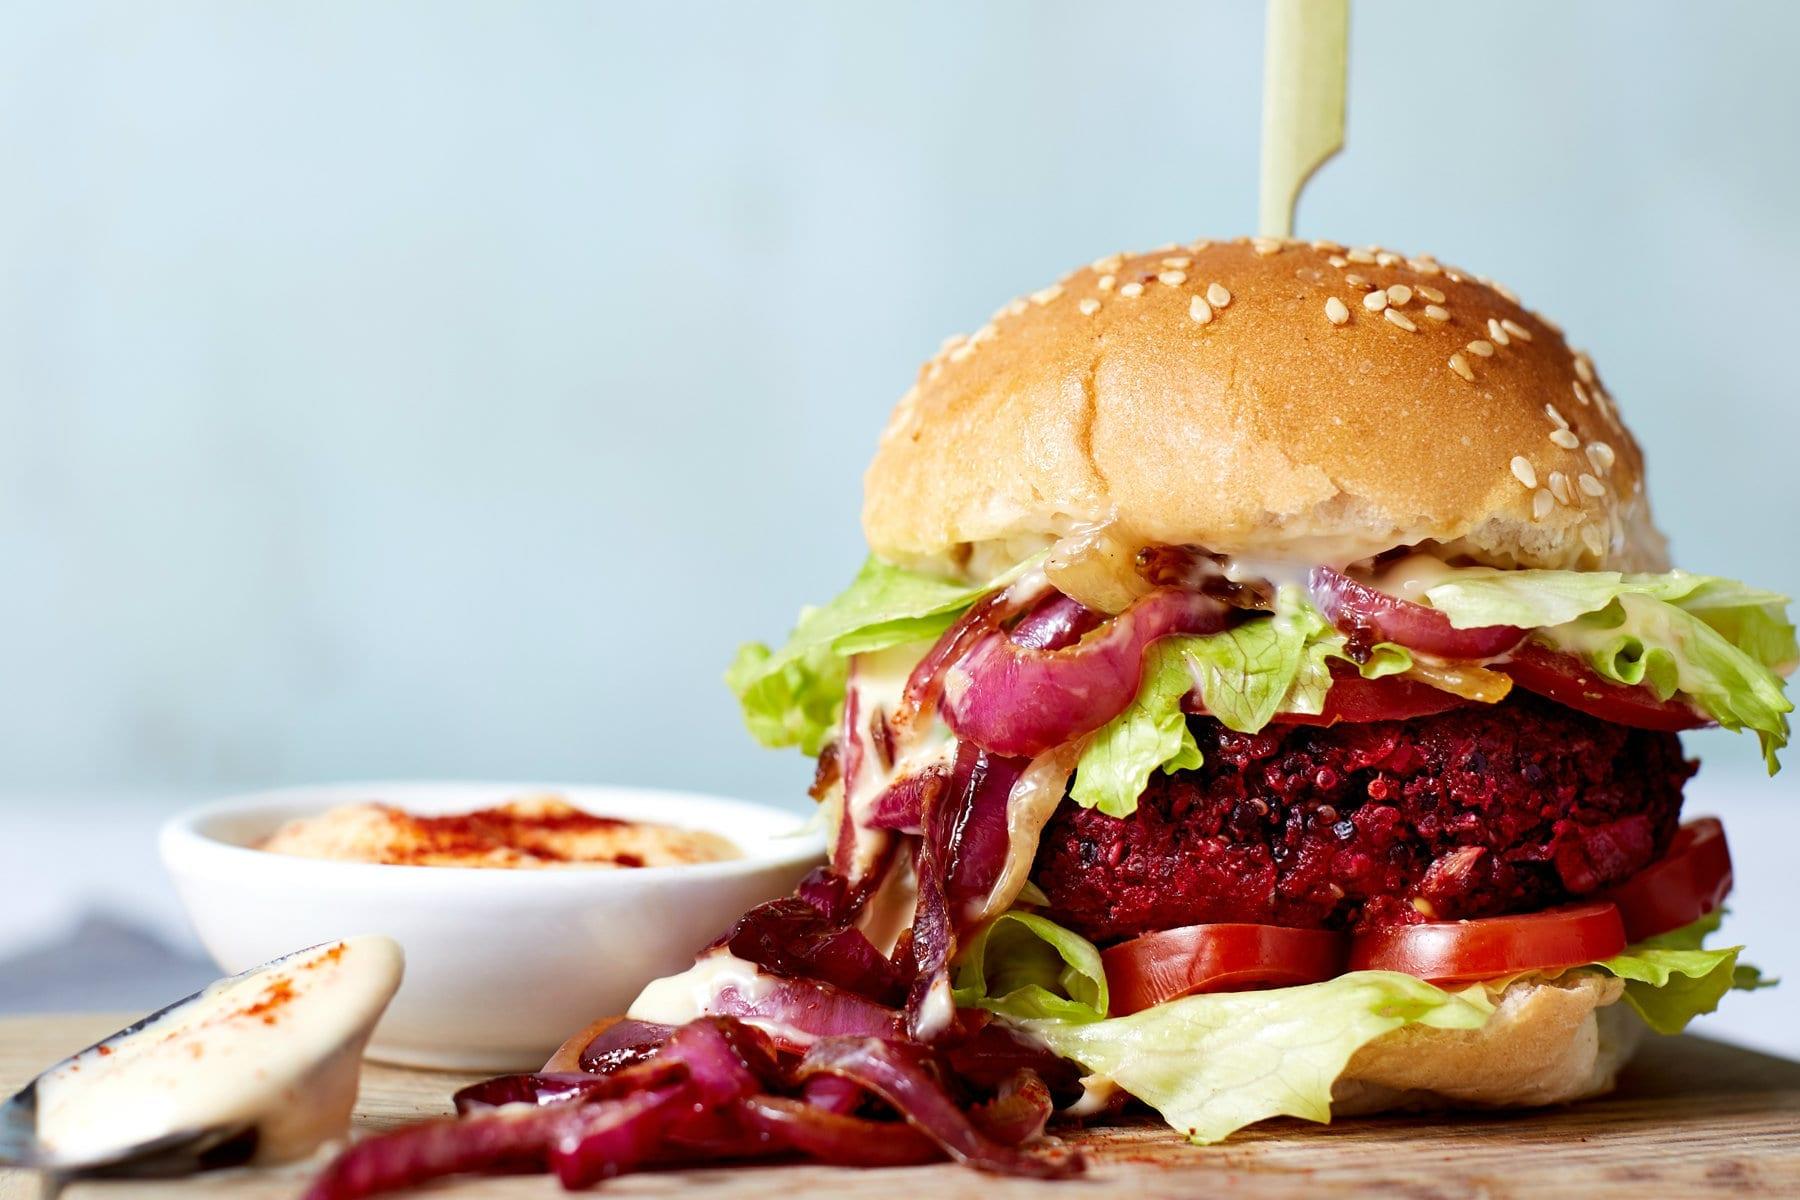 15-Minutowy Wystrzałowy Grillowany Burger Buraczany | Przepis na Buraczane Burgery